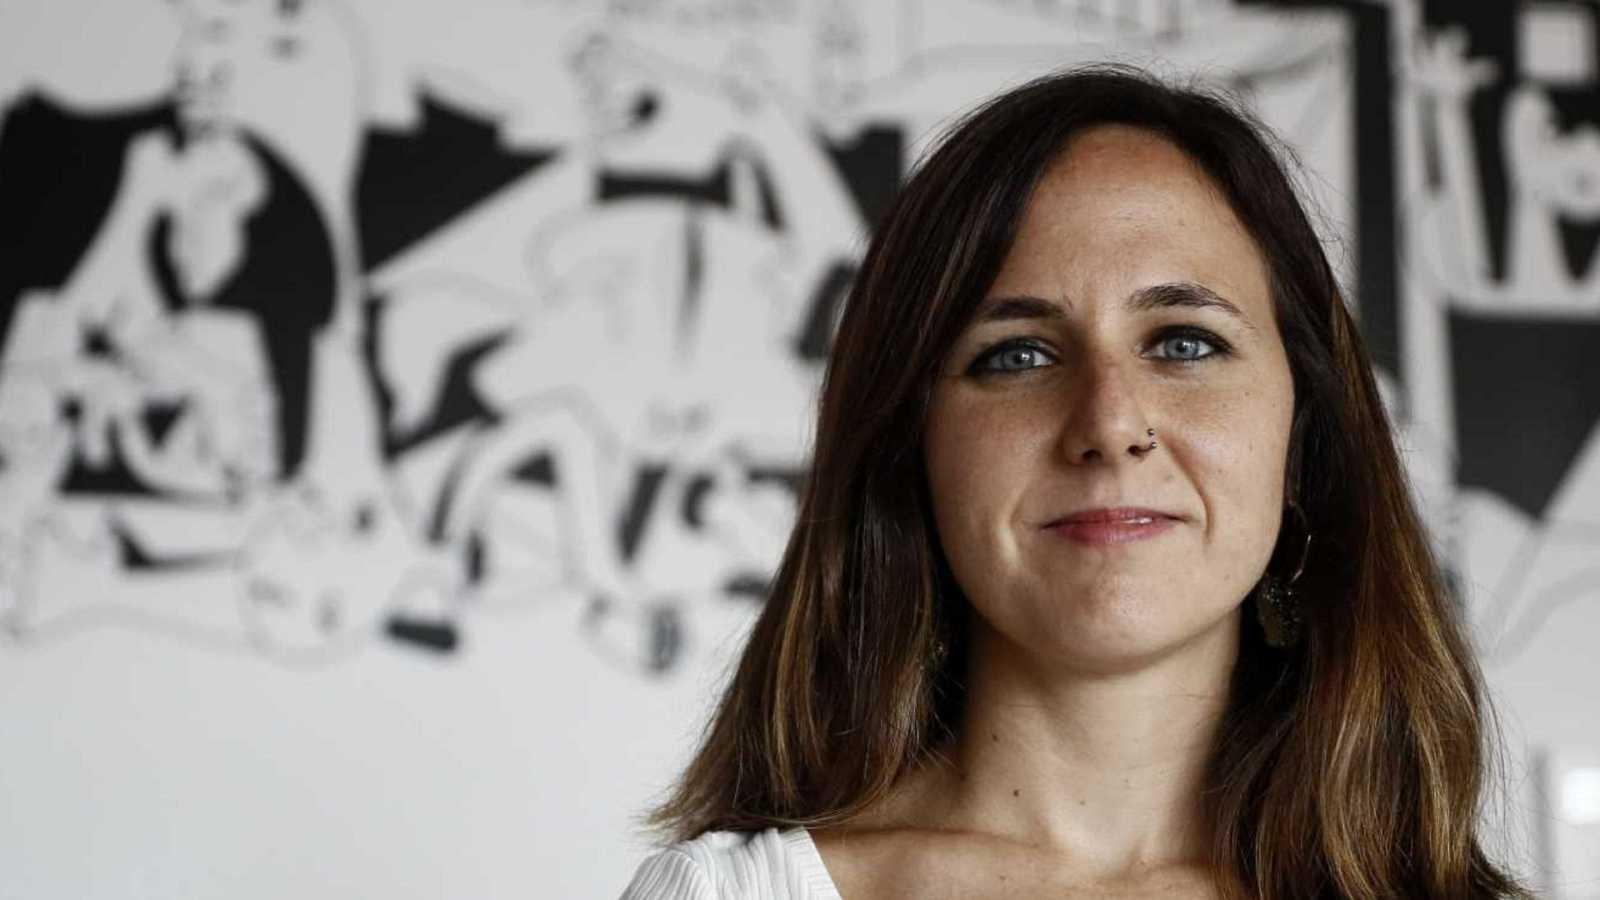 14 horas - Ione Belarra presentará su candidatura para liderar Podemos - Escuchar ahora